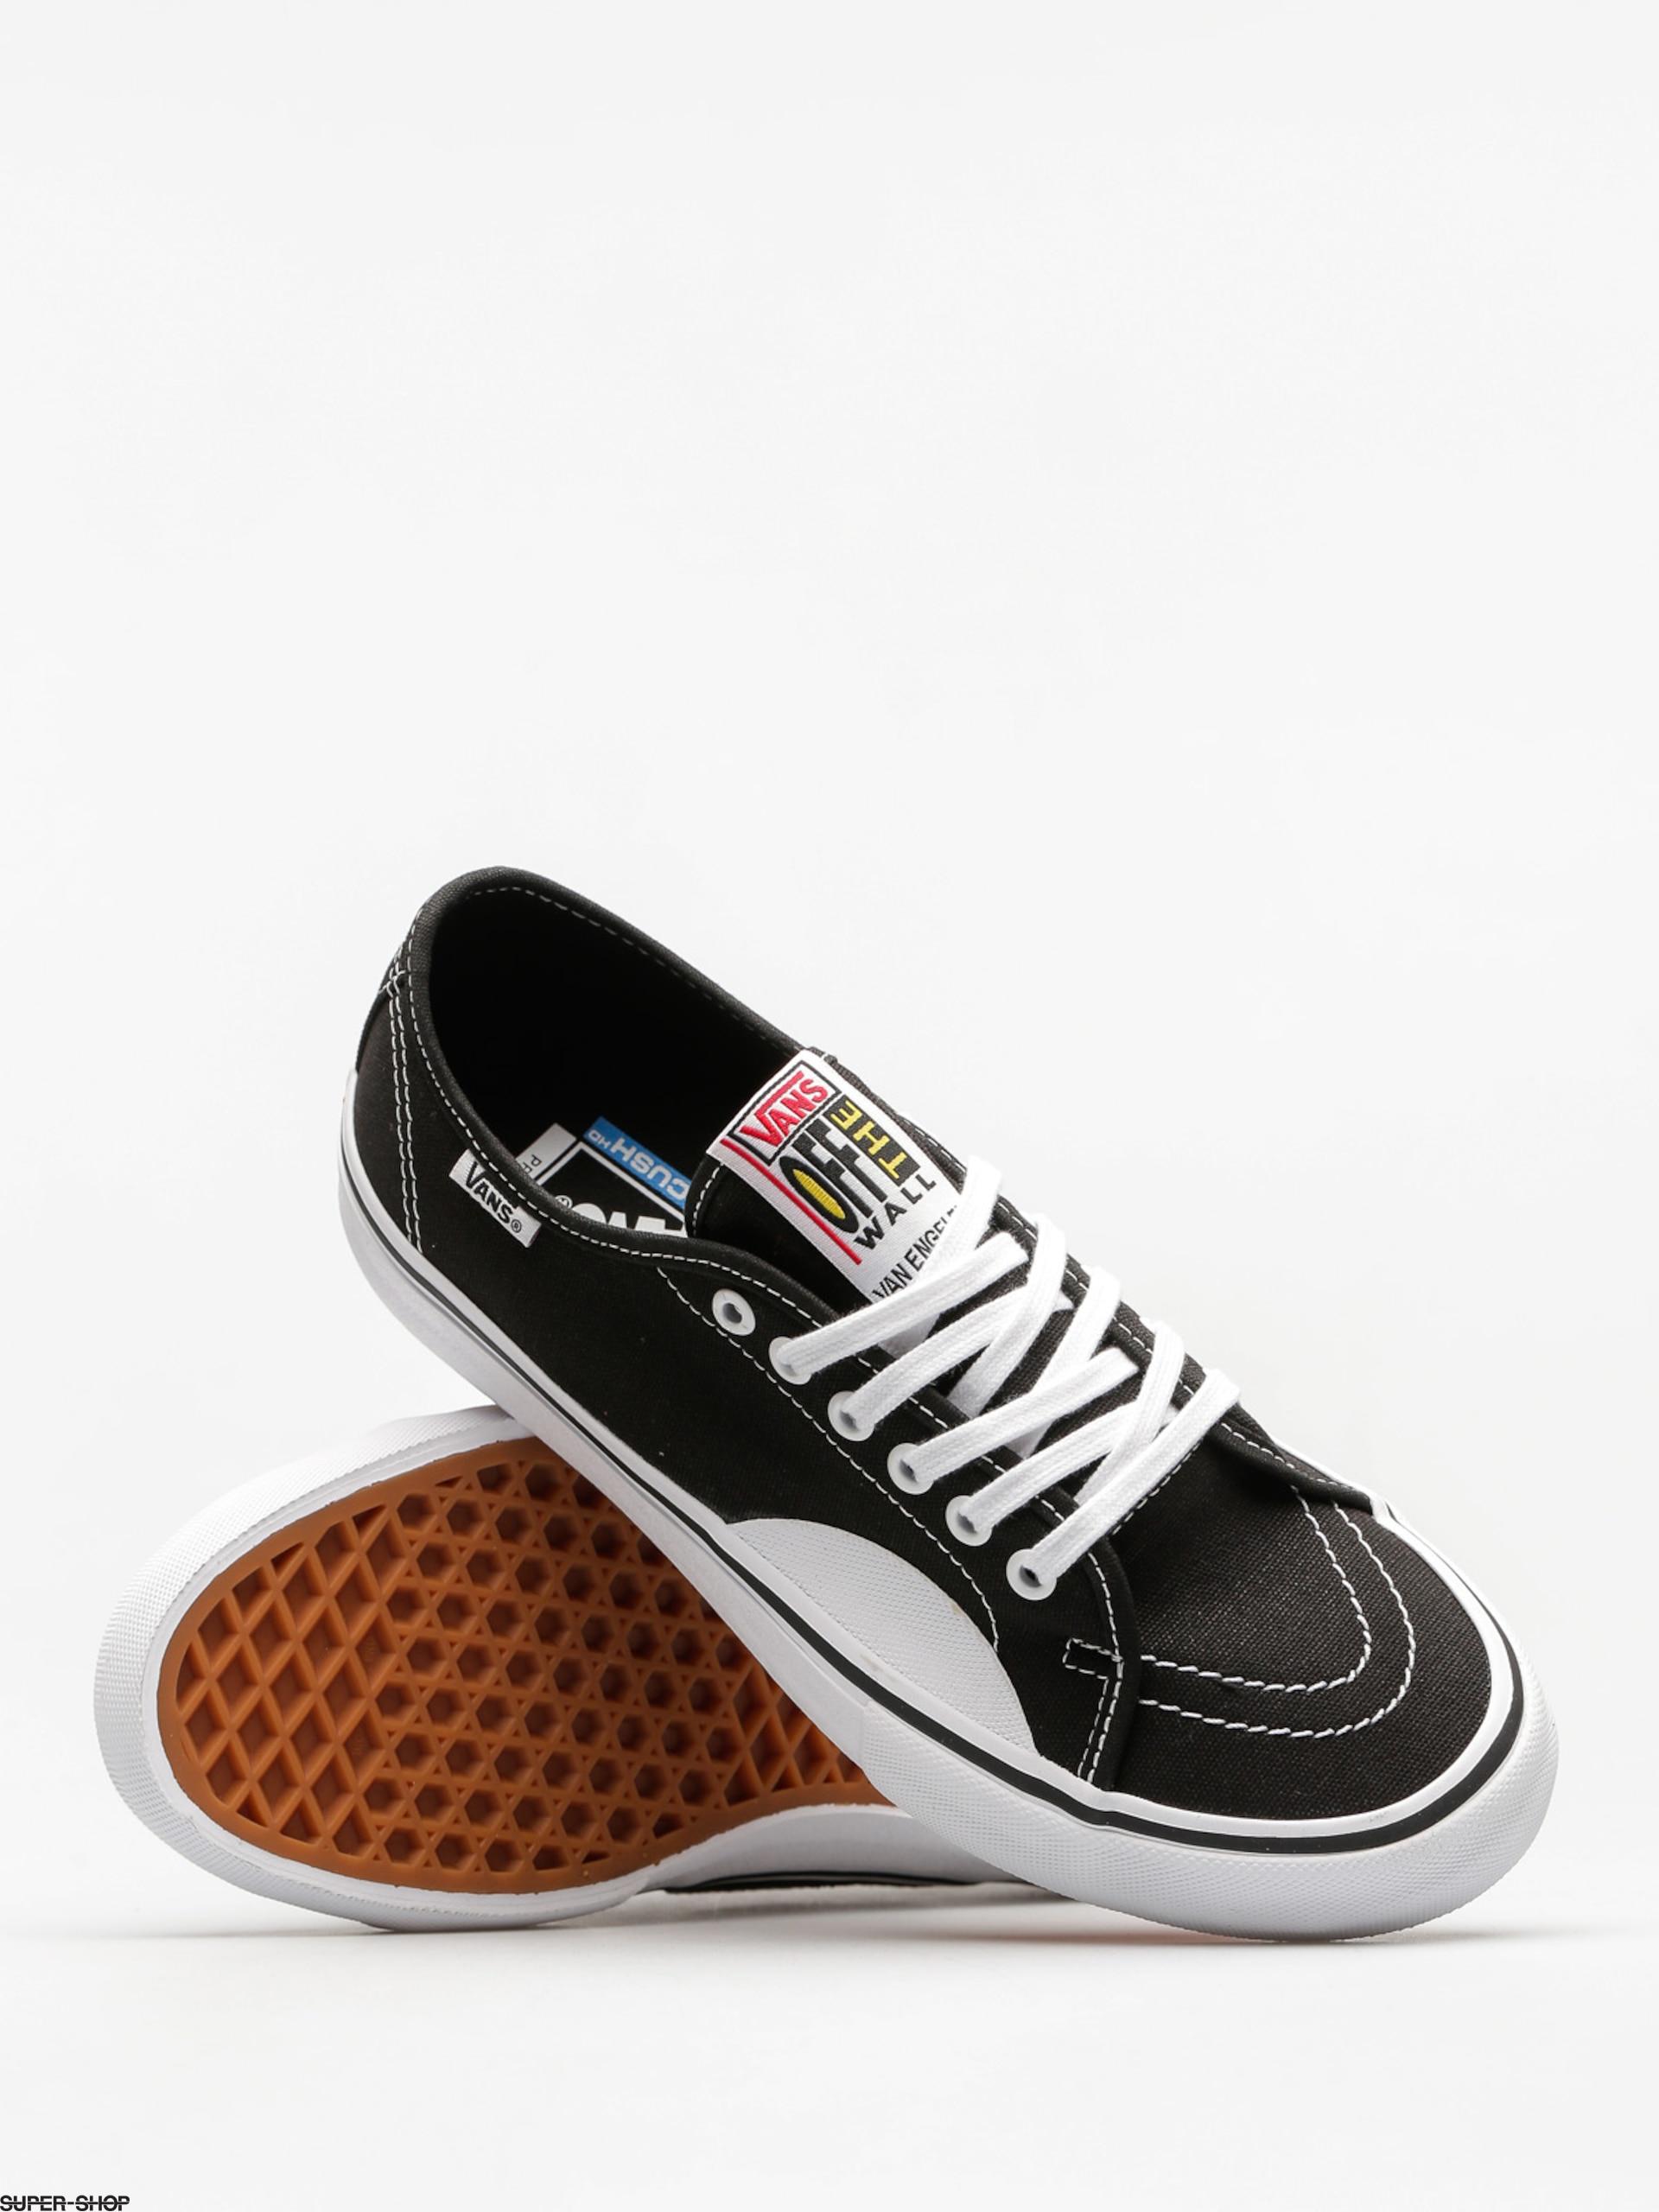 bca665c88f Vans Shoes Av Classic Pro (rubber black white white)